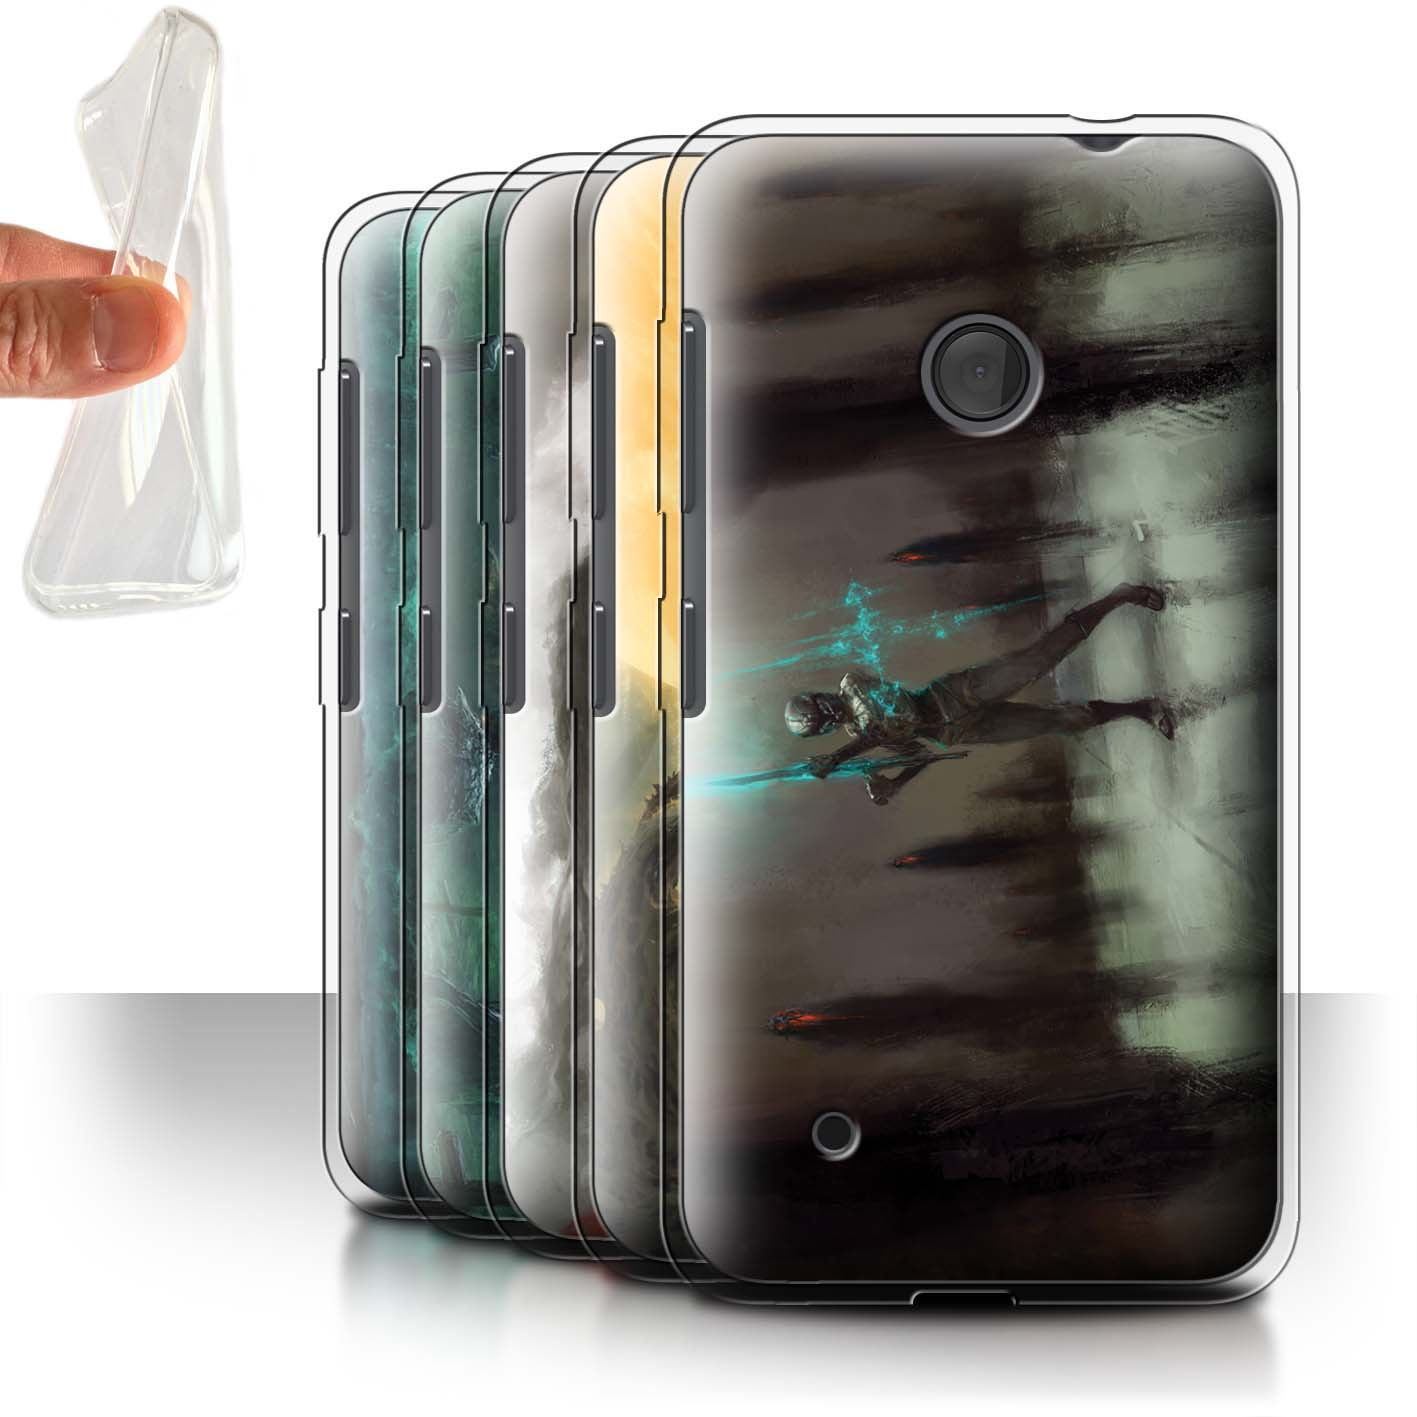 Officielle-Chris-Cold-Coque-Gel-TPU-pour-Nokia-Lumia-530-Pegre-Enfer